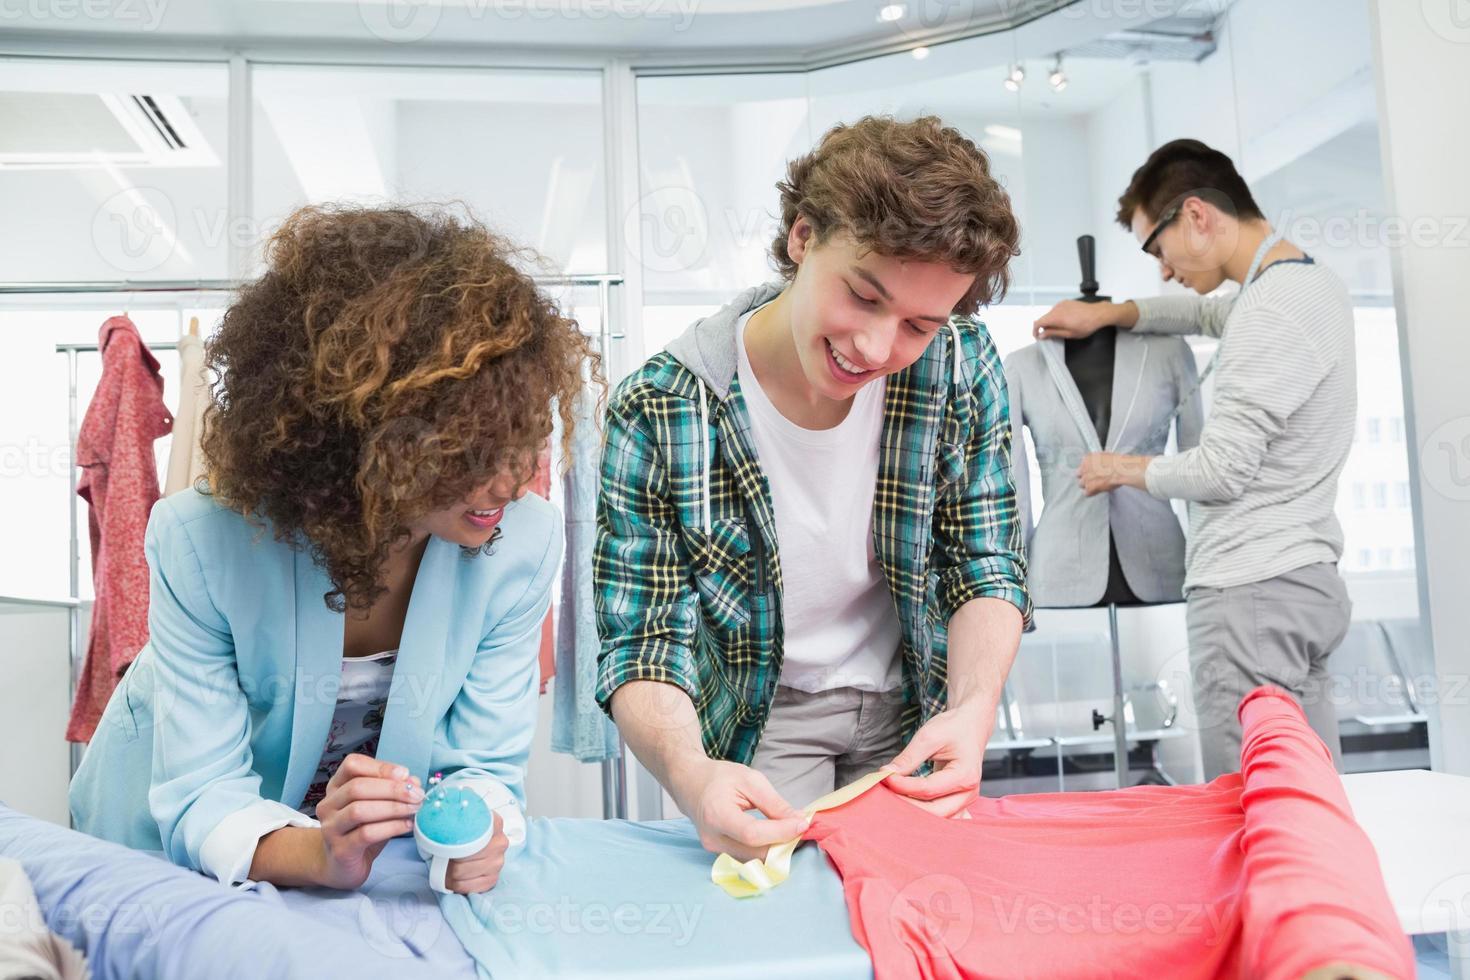 Studenten, die mit einem Stoff zusammenarbeiten foto